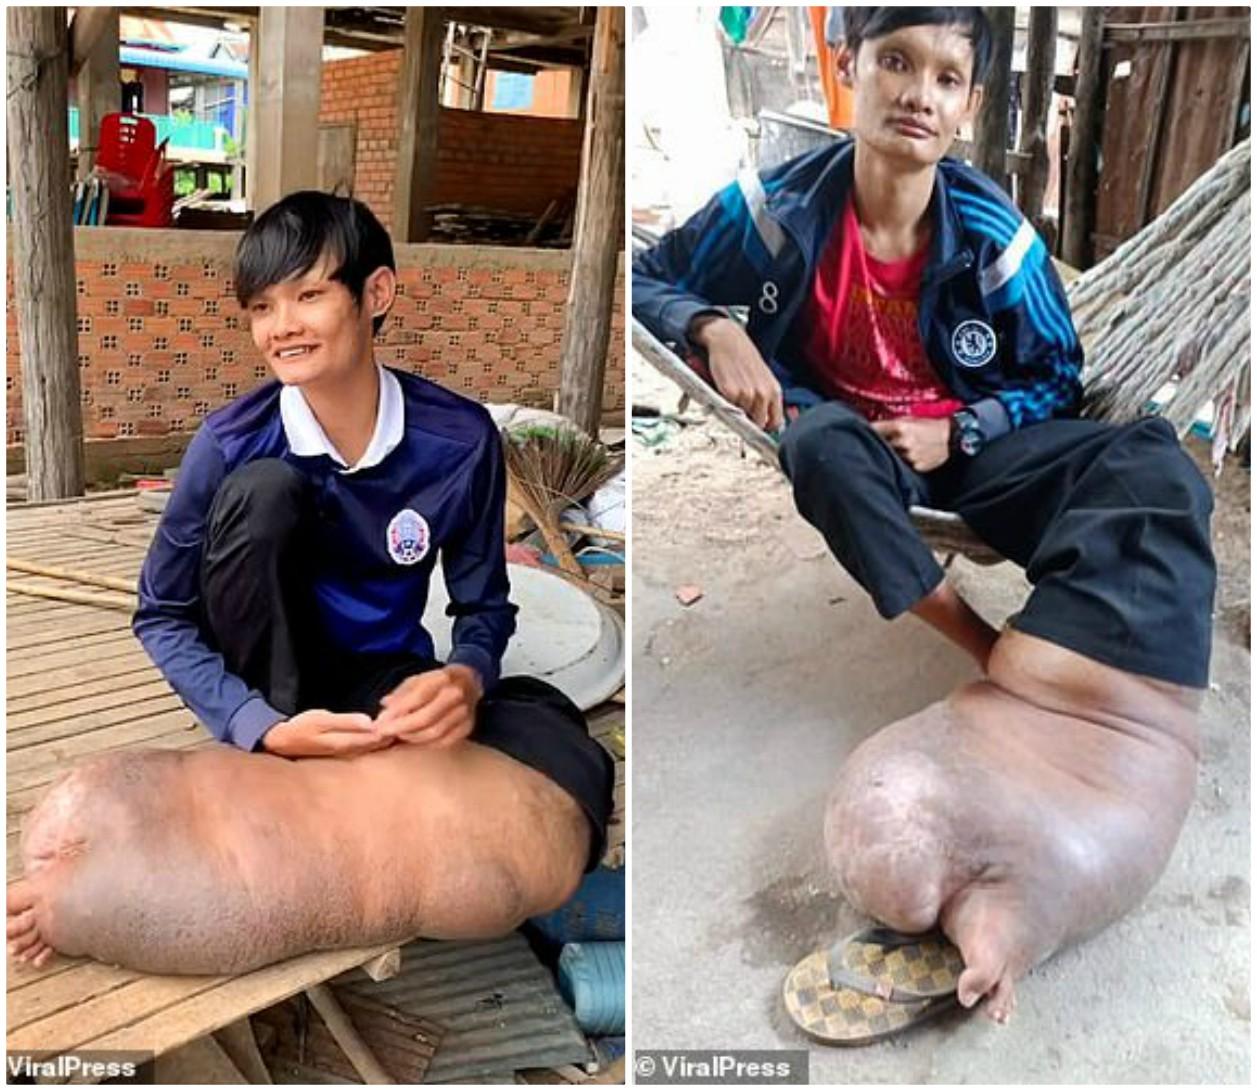 Chỉ một vết muỗi đốt, chân người đàn ông sưng to bằng một con lợn - 1